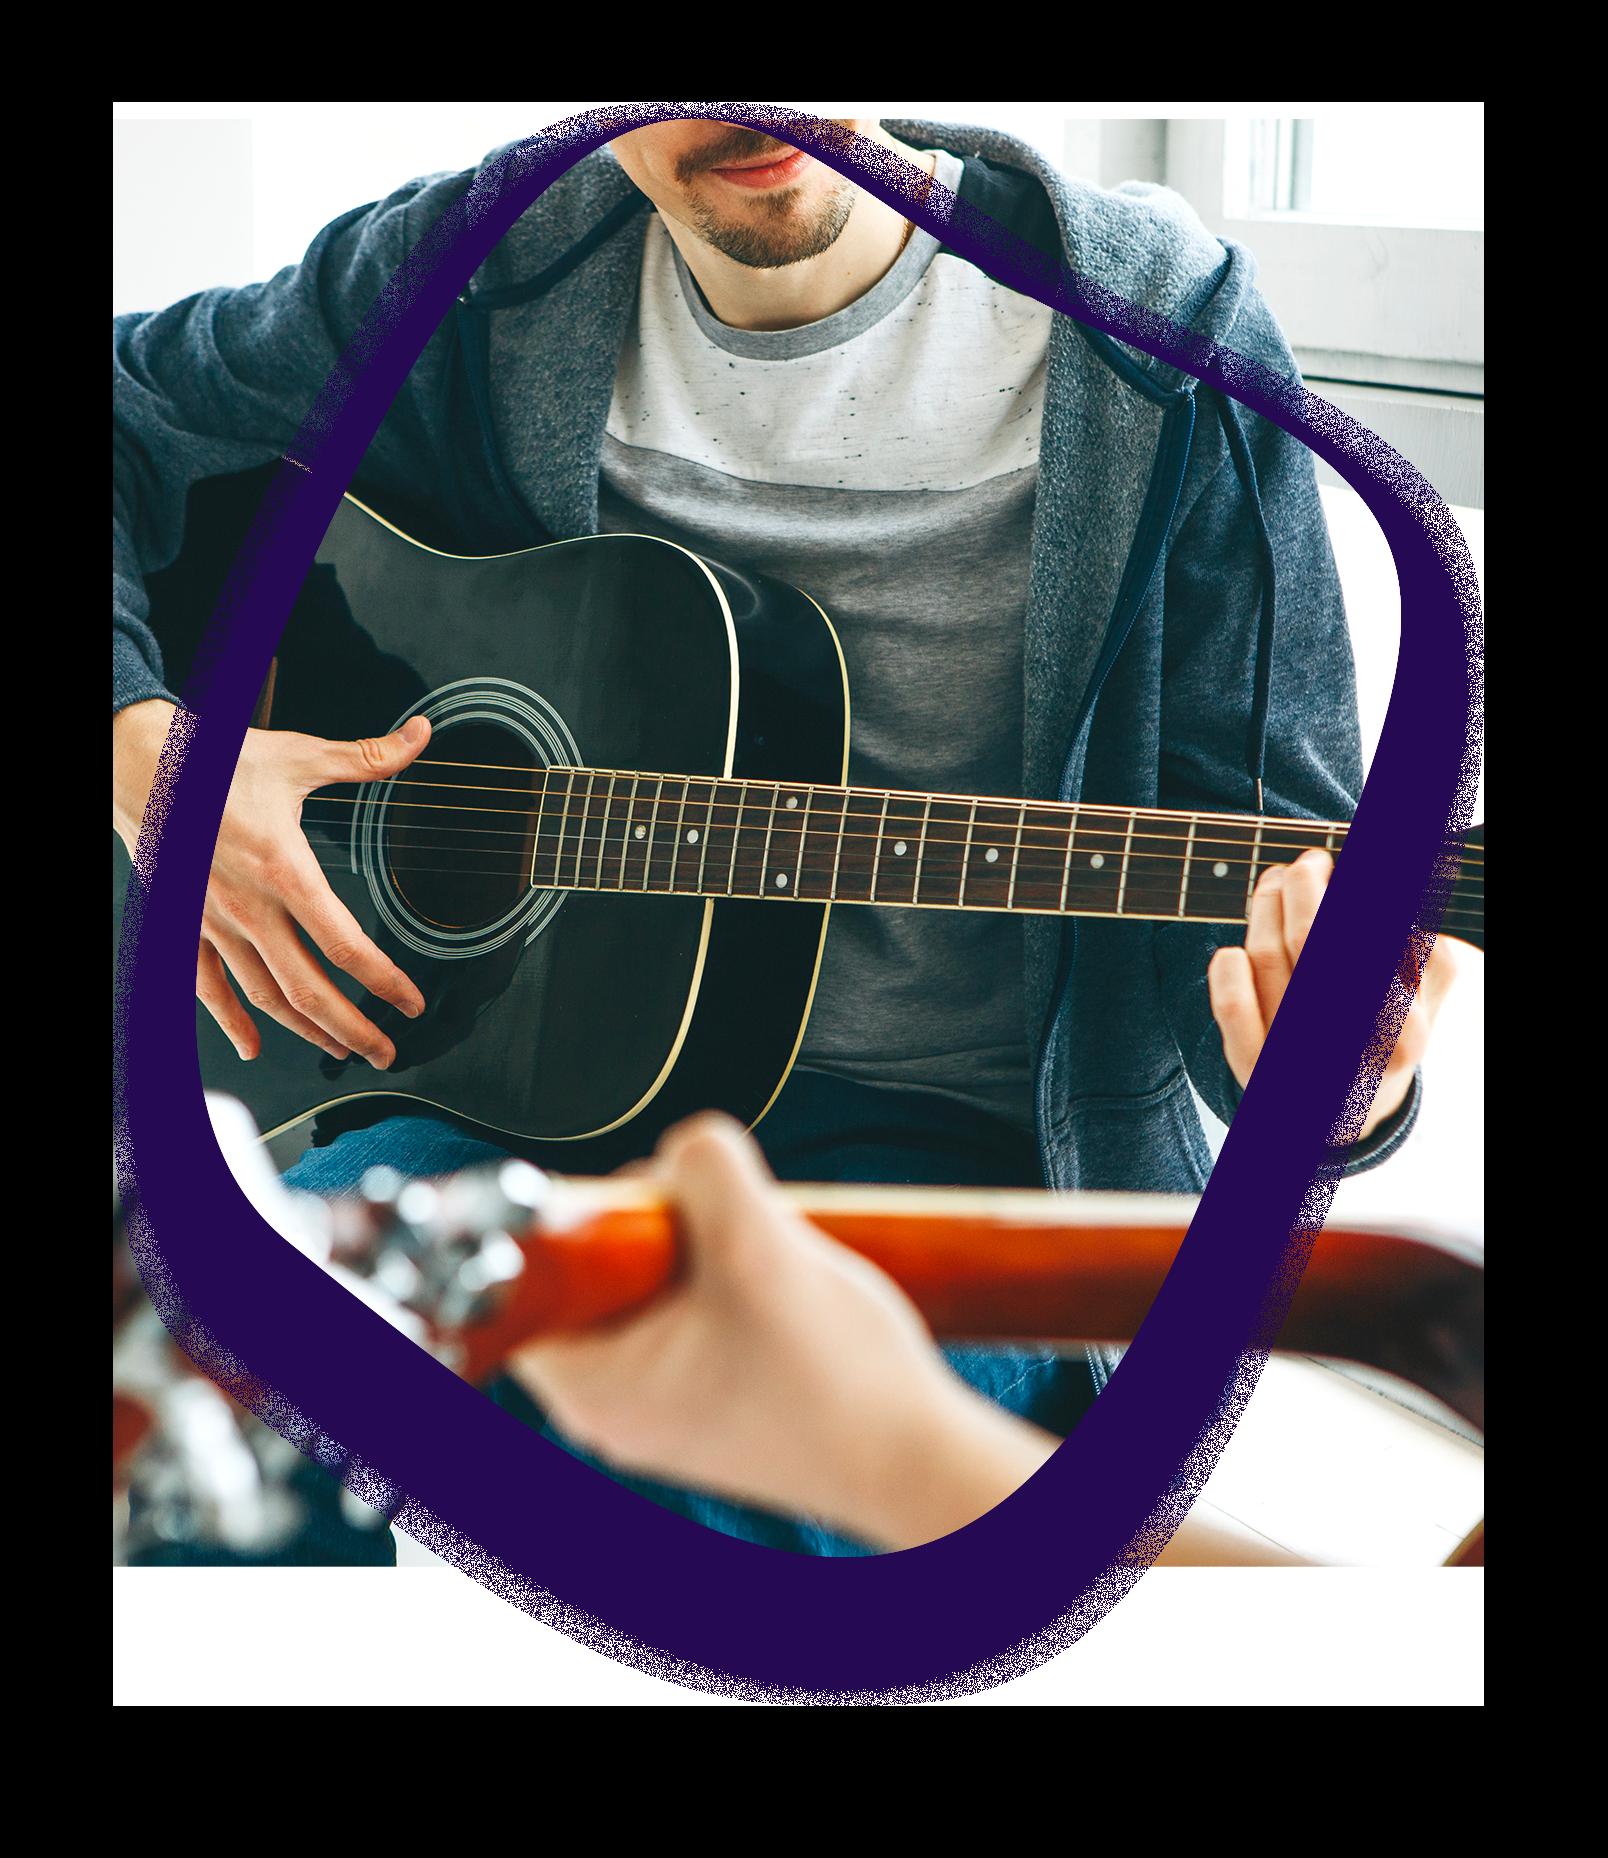 ici se trouve une image d'un jeune qui joue de la guitare